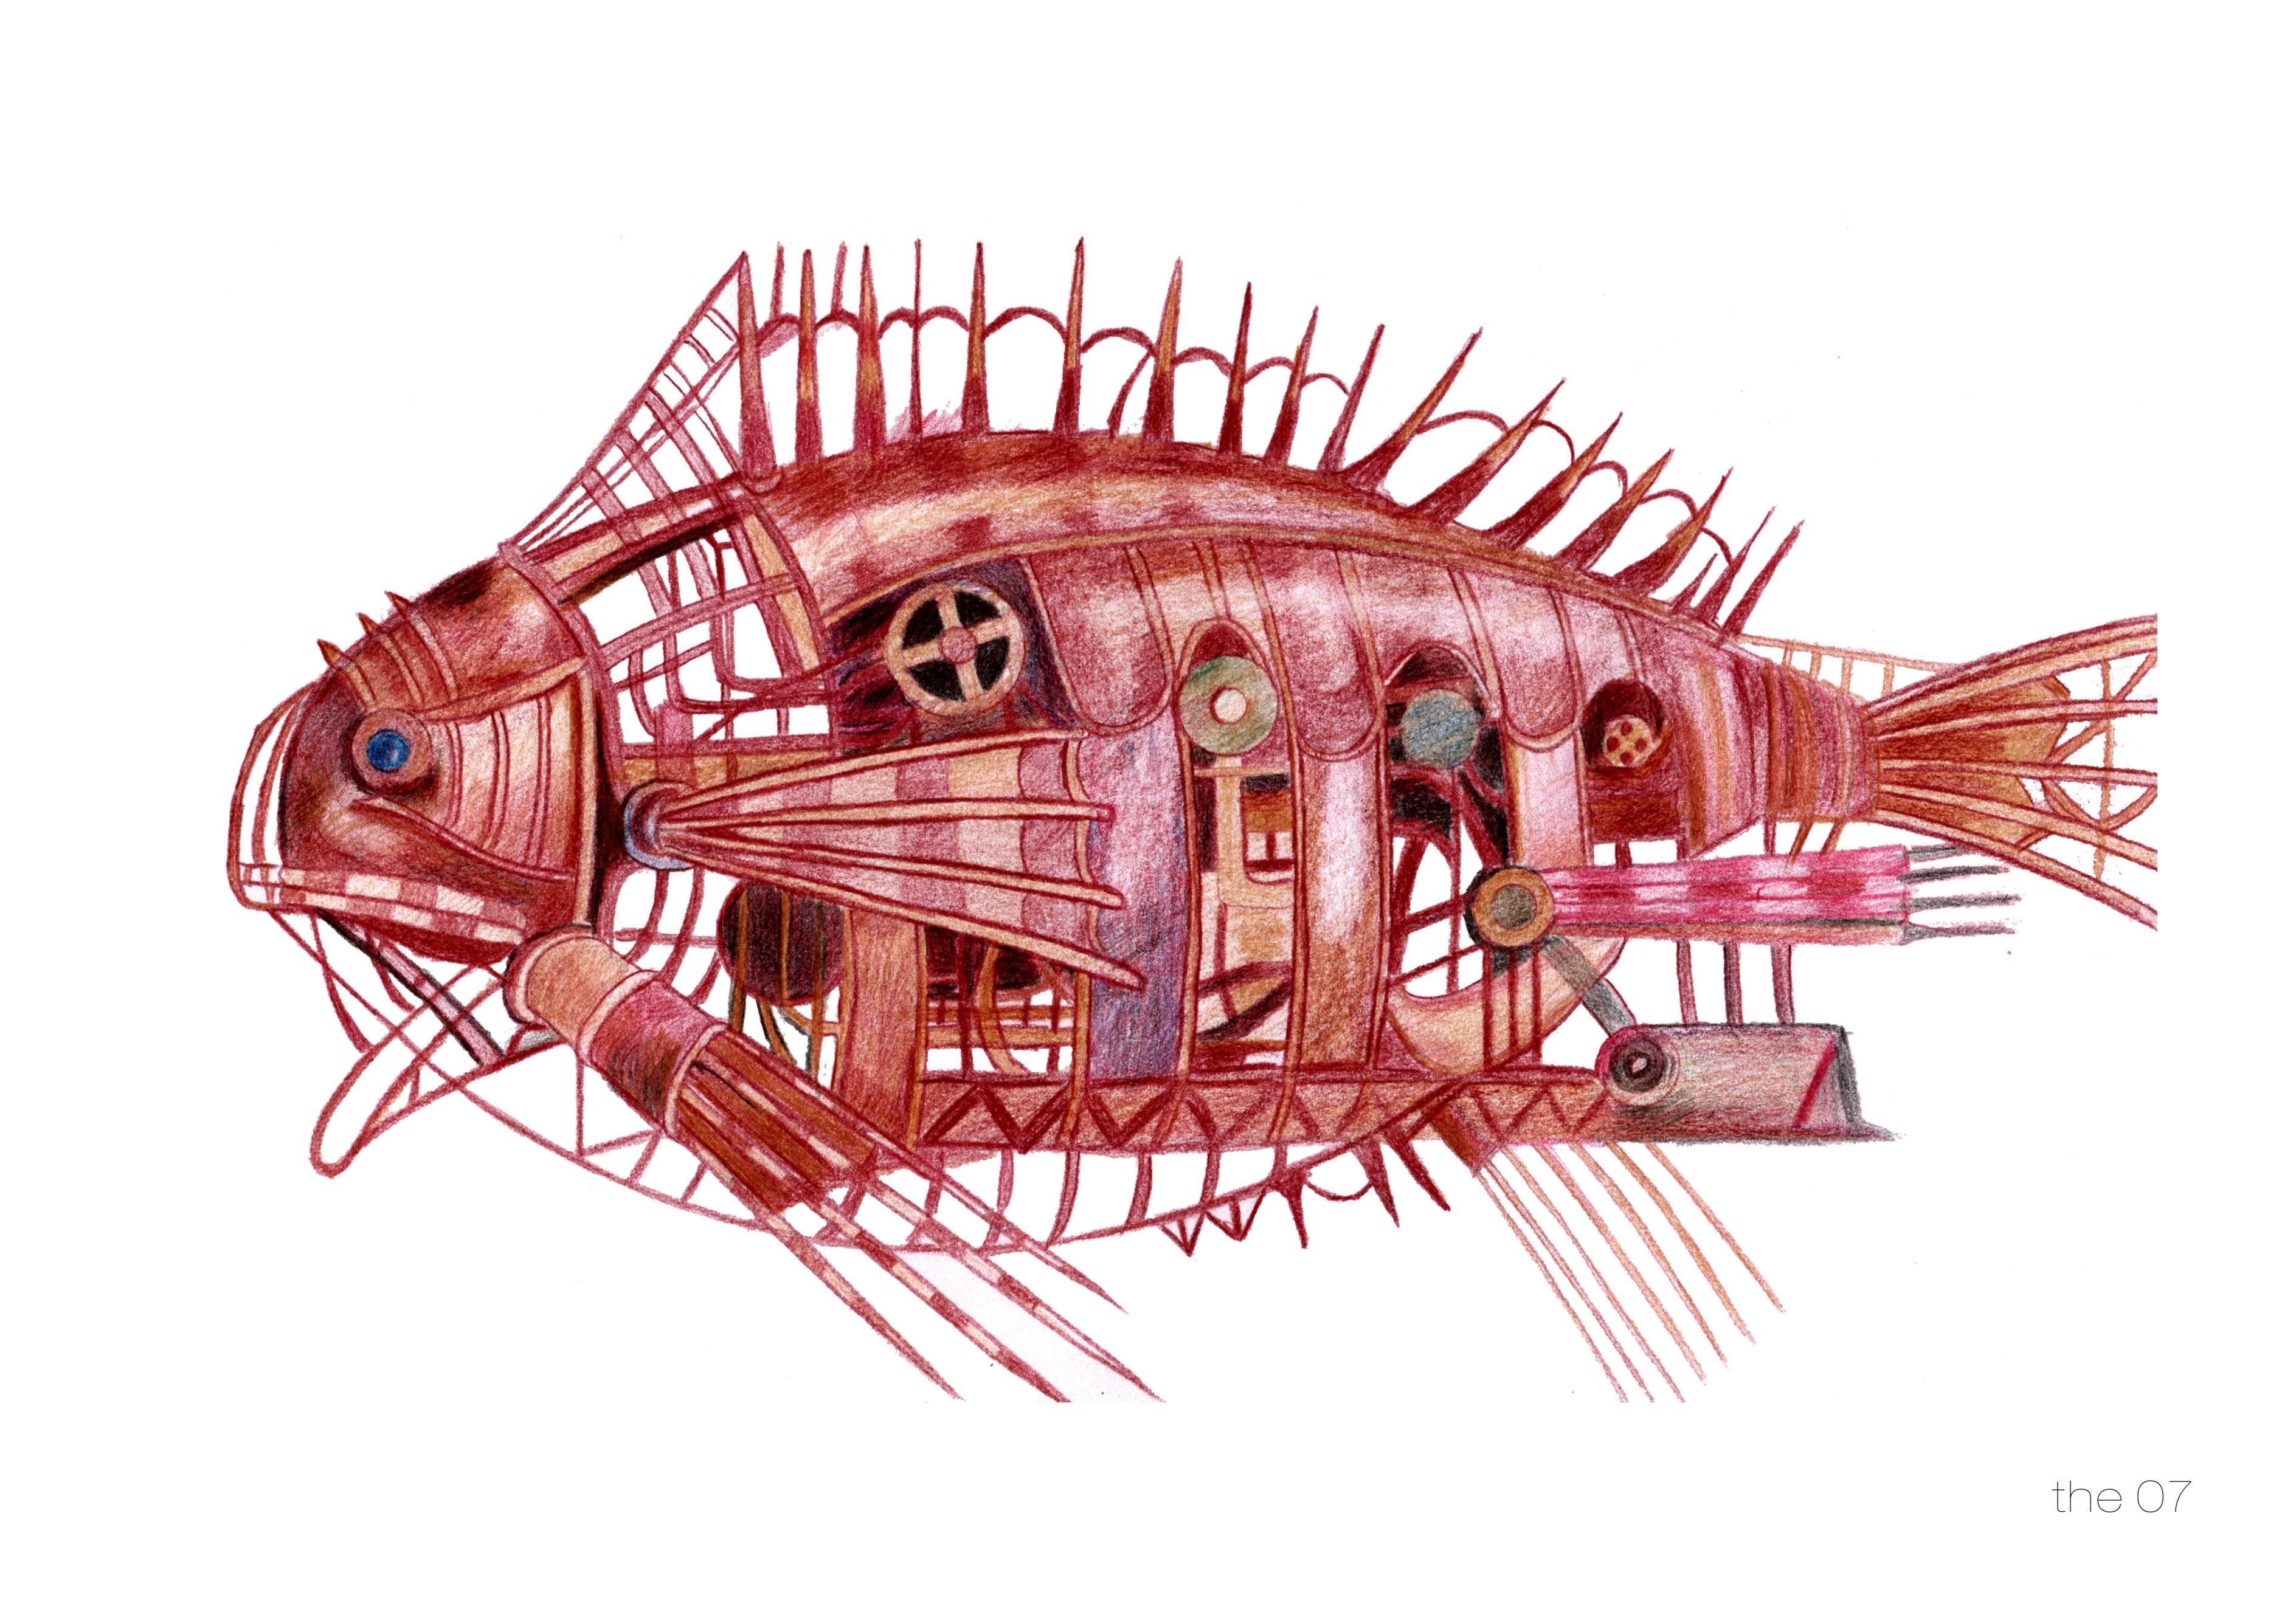 机器鱼,机器鱼,血液系统,软体机器人,液压液,储能